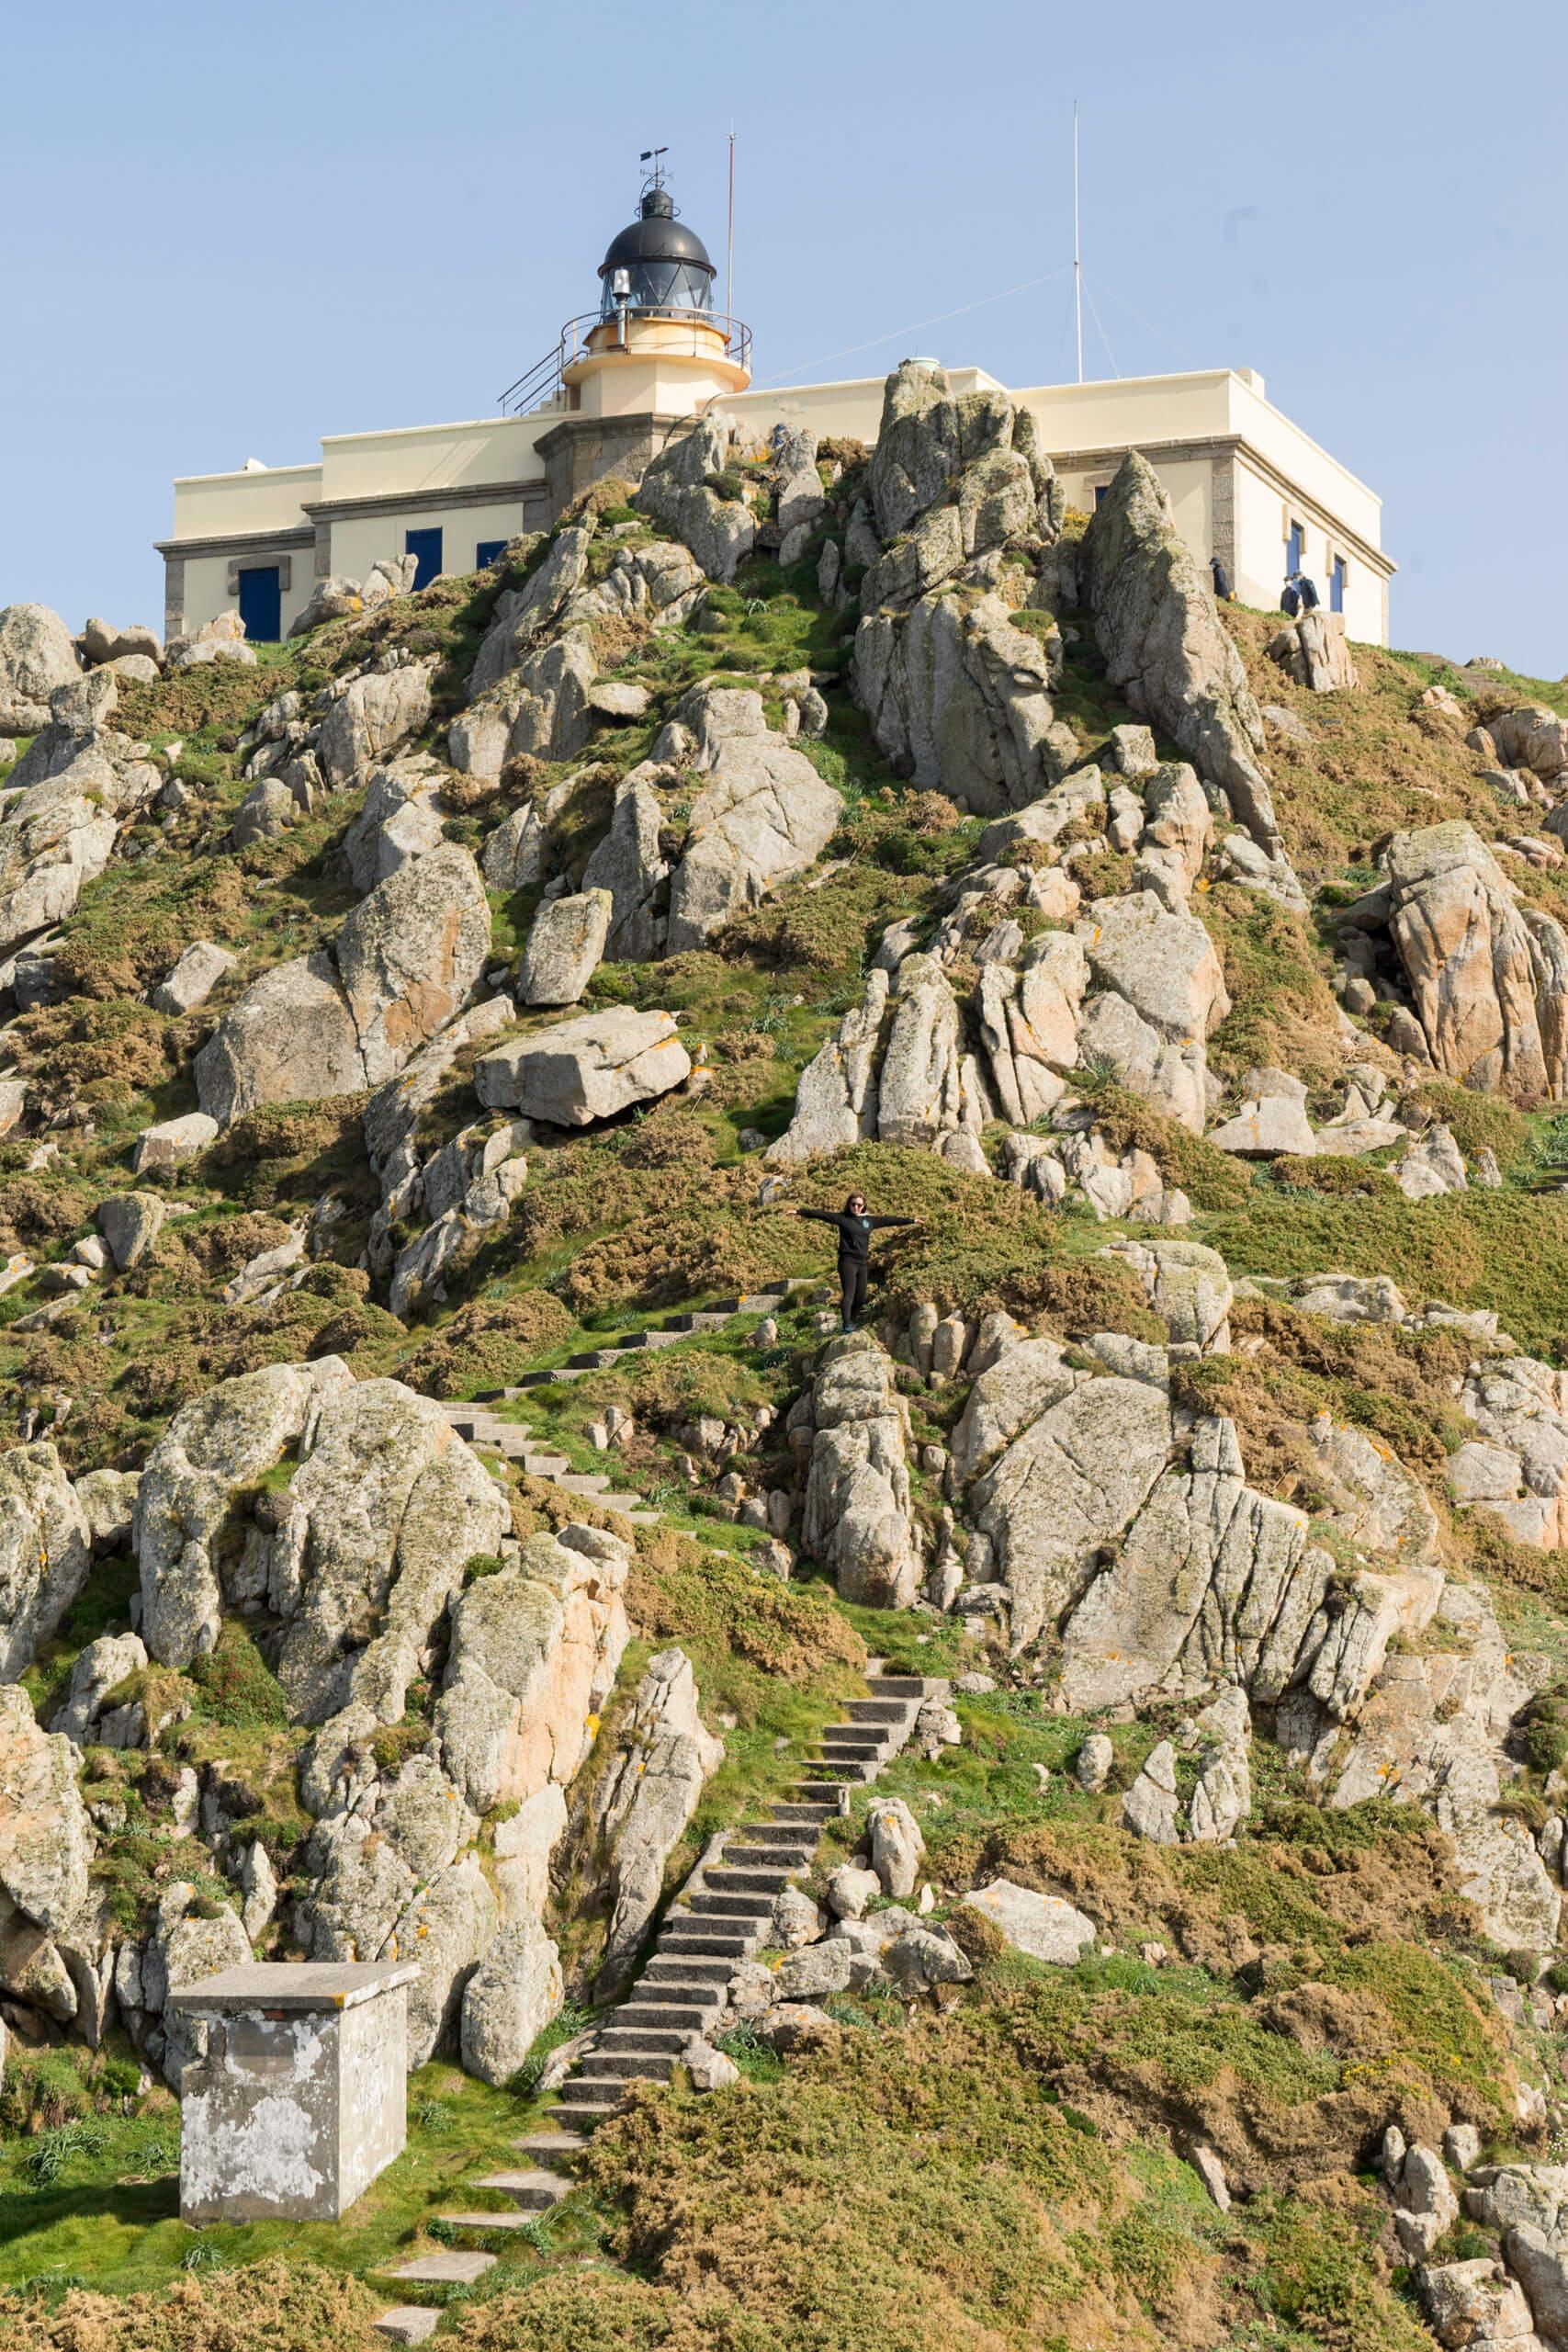 Cabo Prior y su faro entre acantilados en Ferrol - Galicia